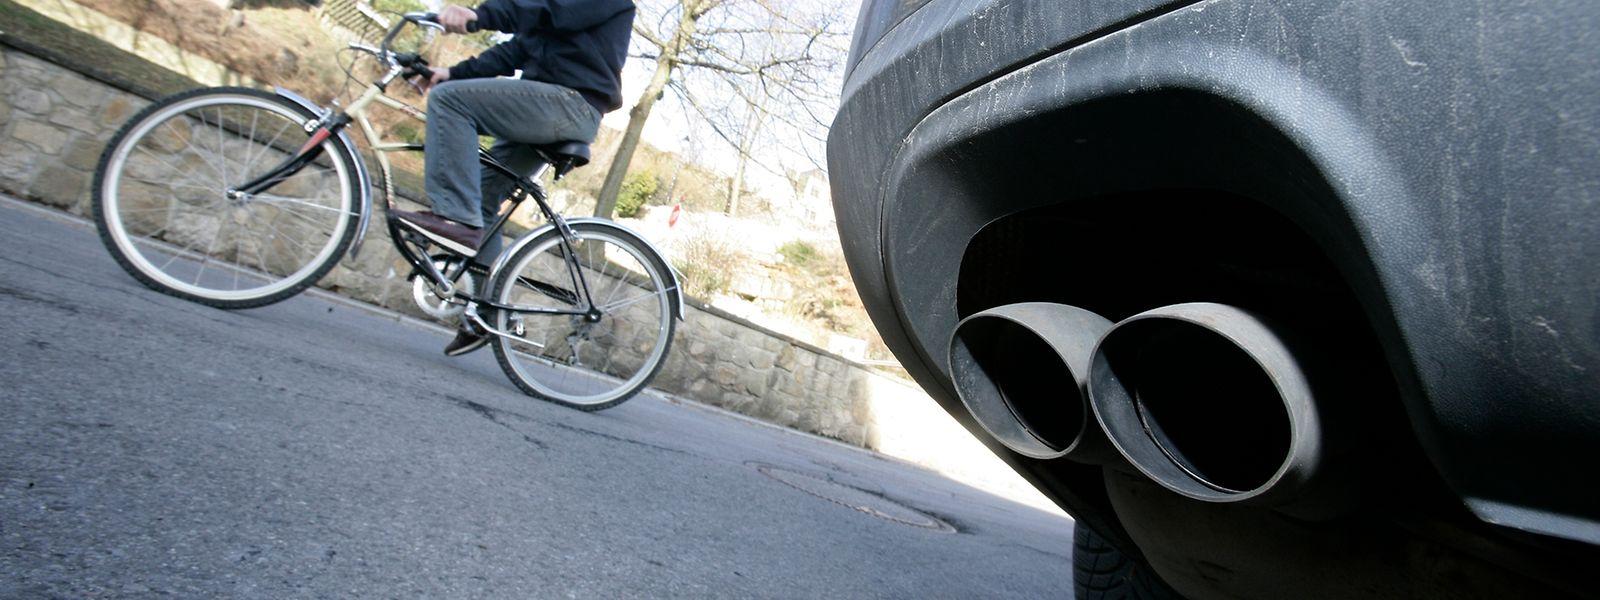 Tous les nouveaux exécutifs régionaux entendent s'attaquer aux véhicules polluants, via des taxes.